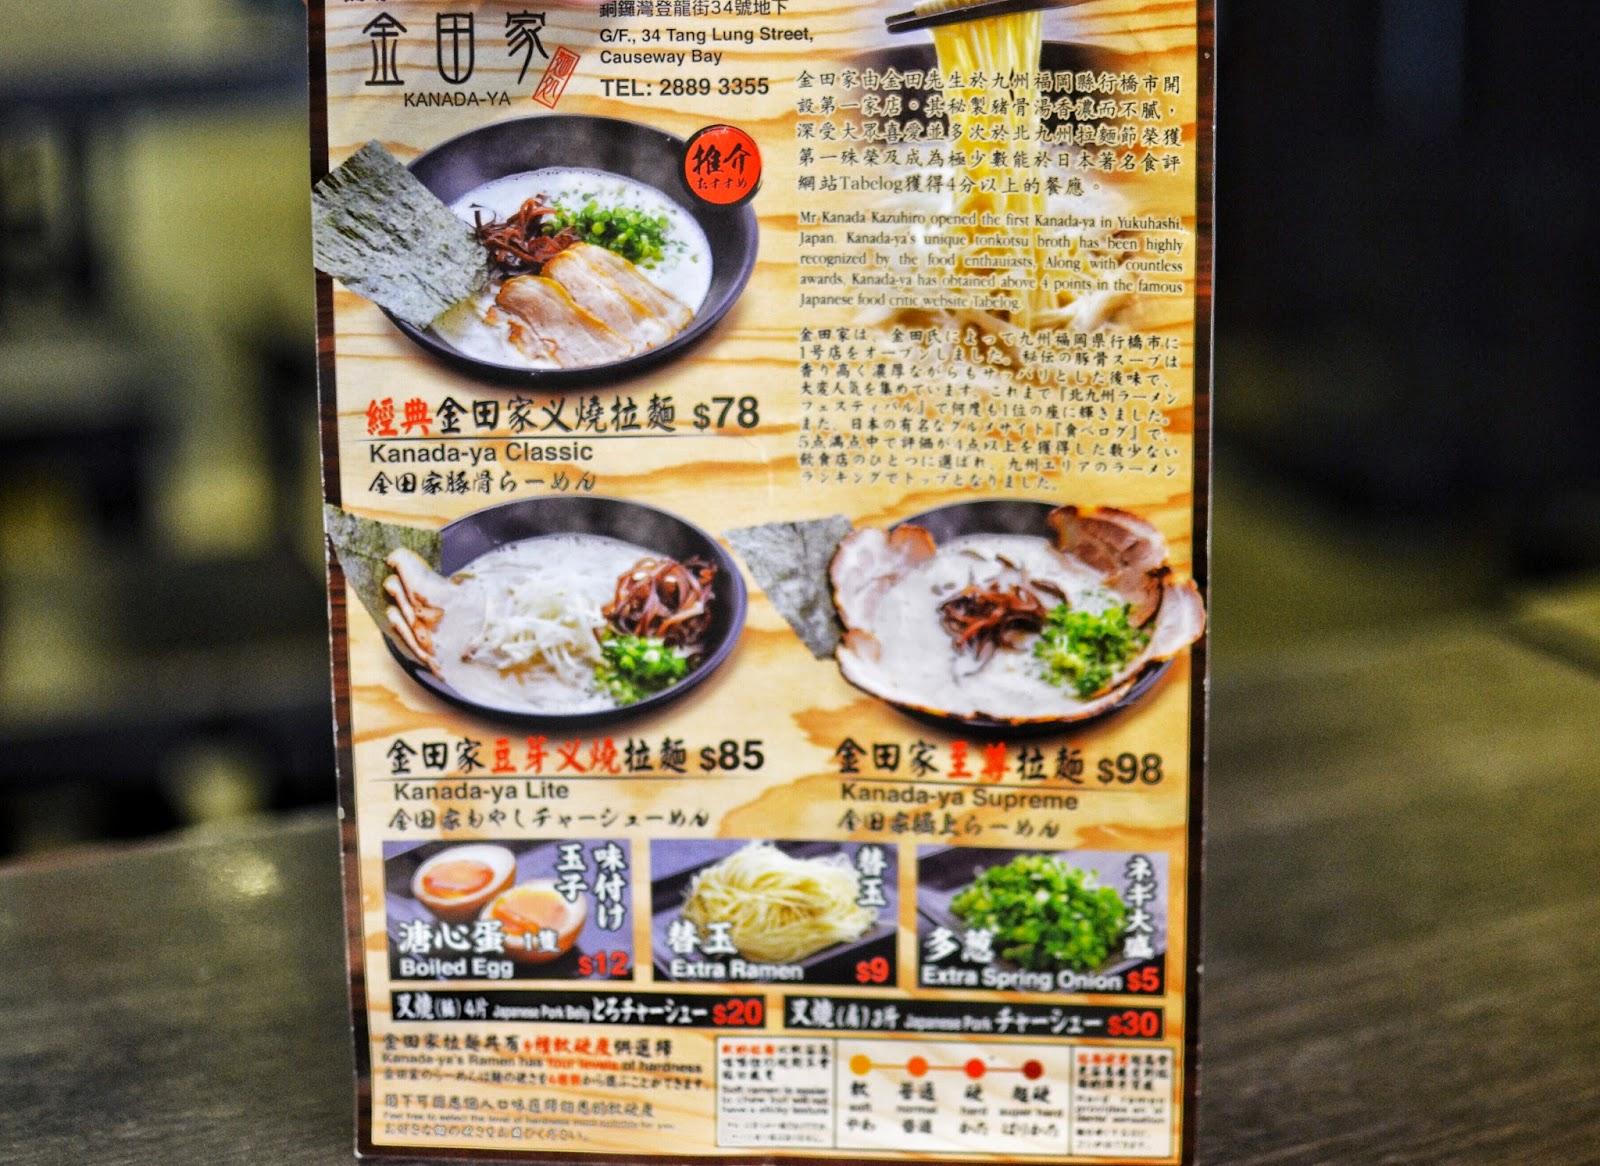 KANADA-YA Ramen Causeway Bay Hong Kong – Hungry Hong Kong